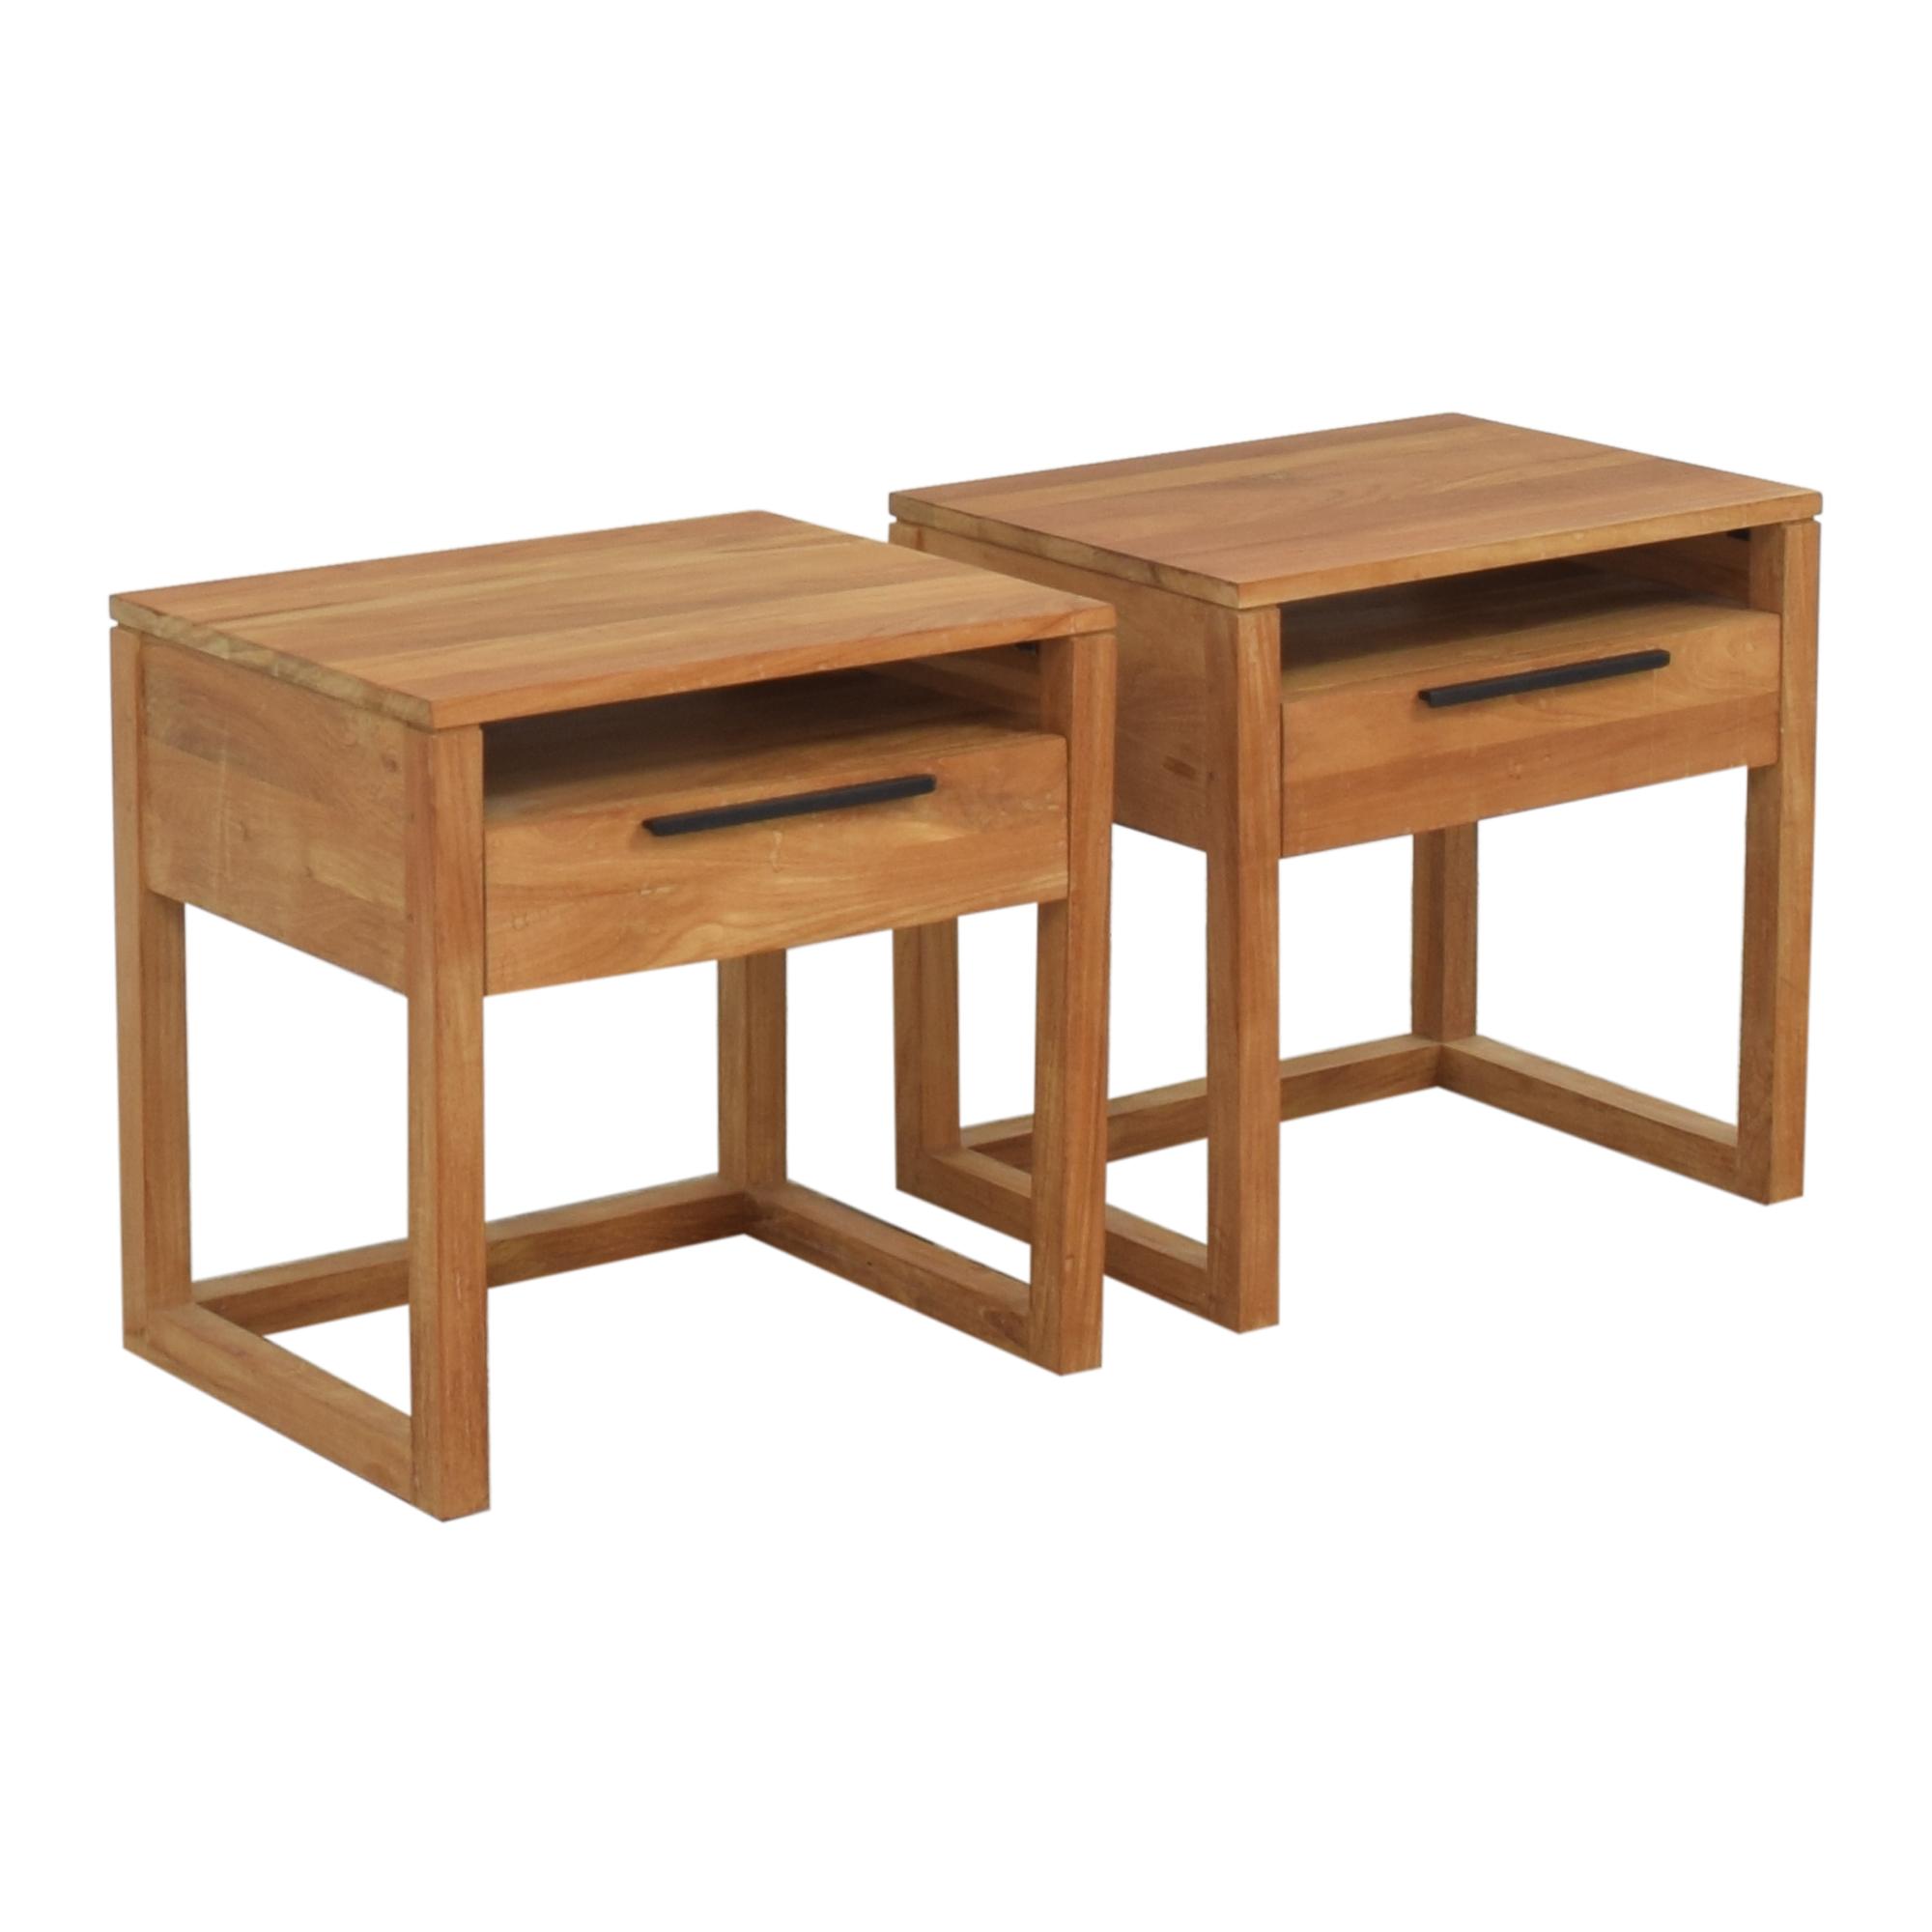 Crate & Barrel Crate & Barrel Linea II Nightstands Tables